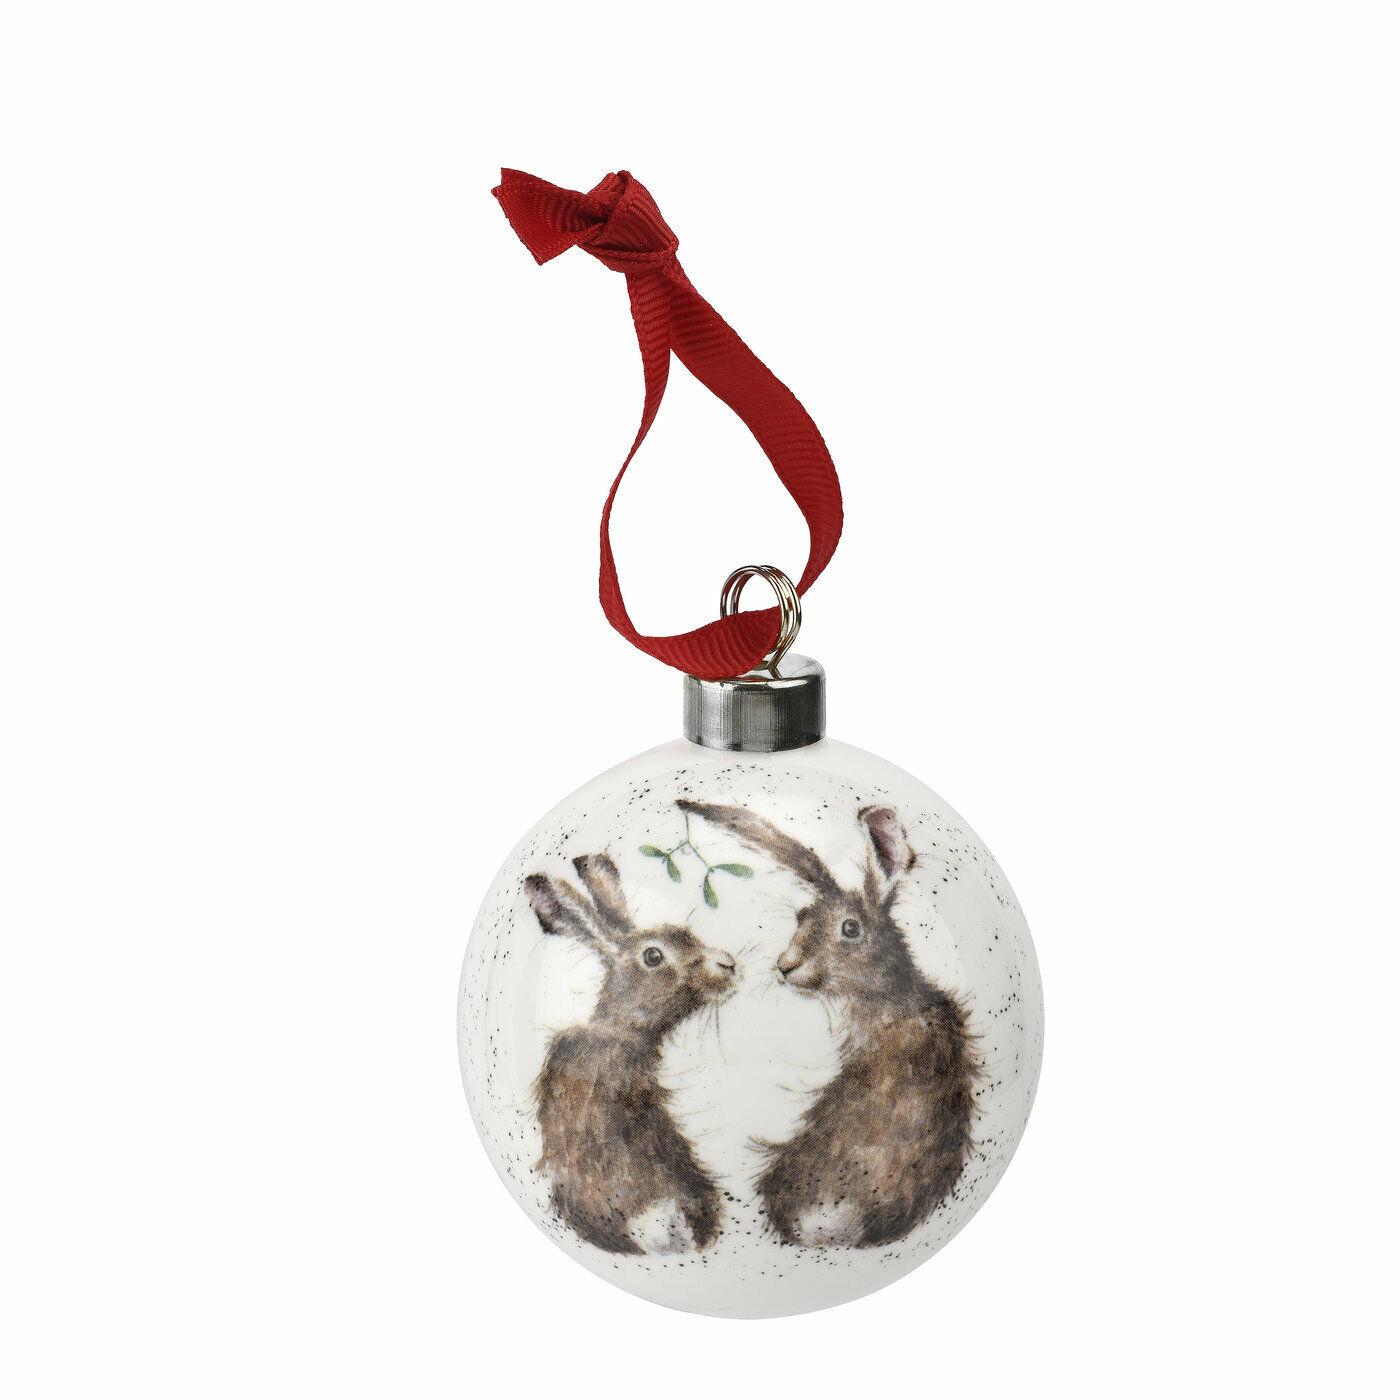 Royal Worcester Wrendale Liebres Decoración de Navidad Adorno-todo lo que quiero para Chri